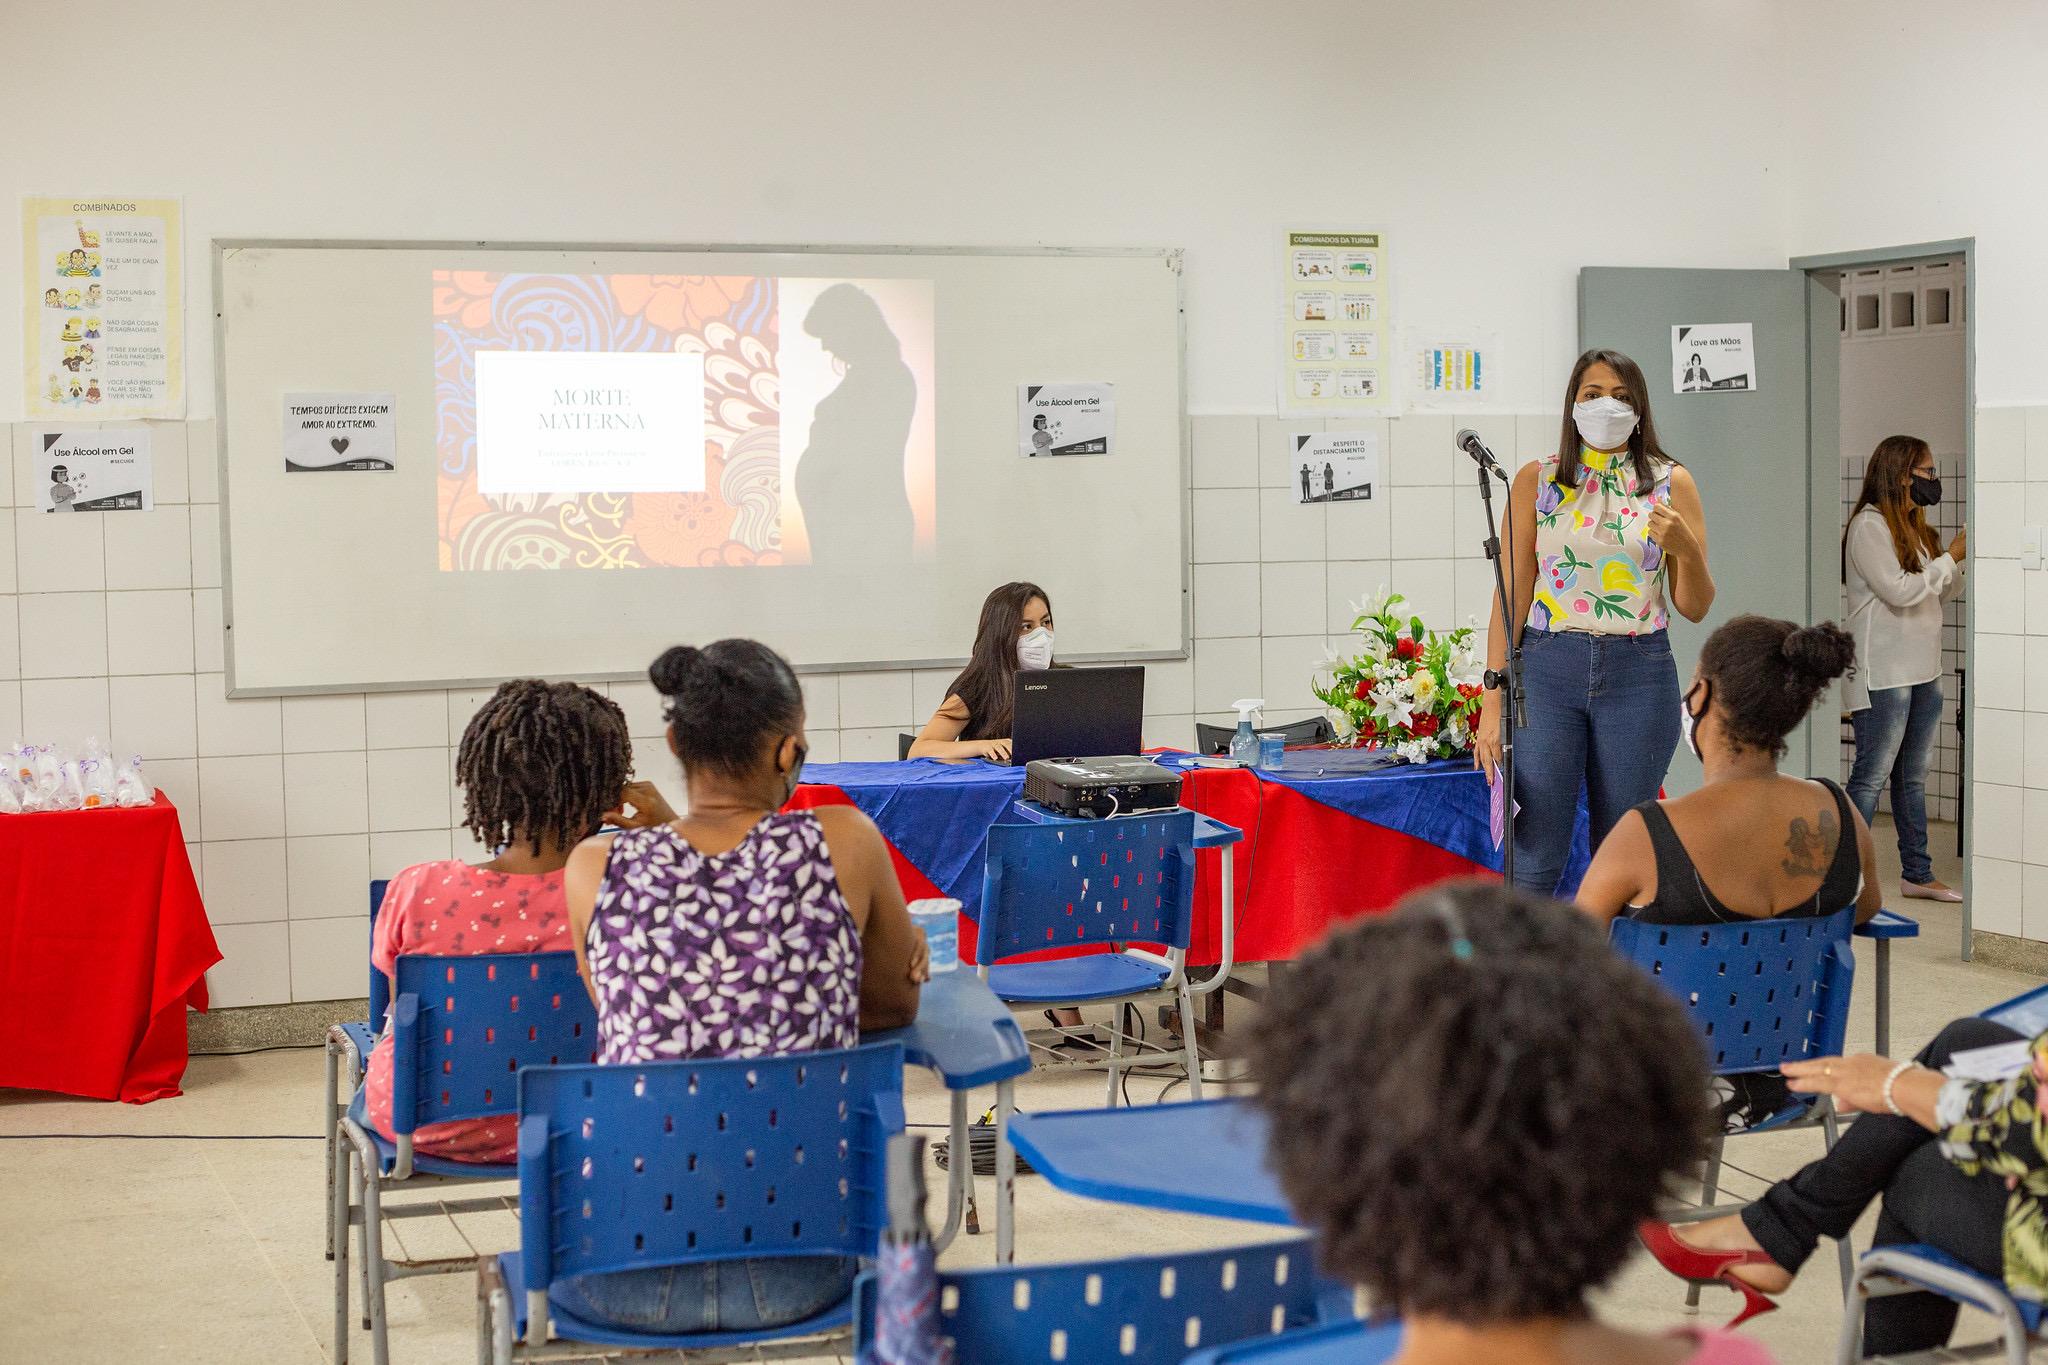 Palestra leva informação sobre mortalidade materna e reforça a importância do pré-natal em Lauro de Freitas